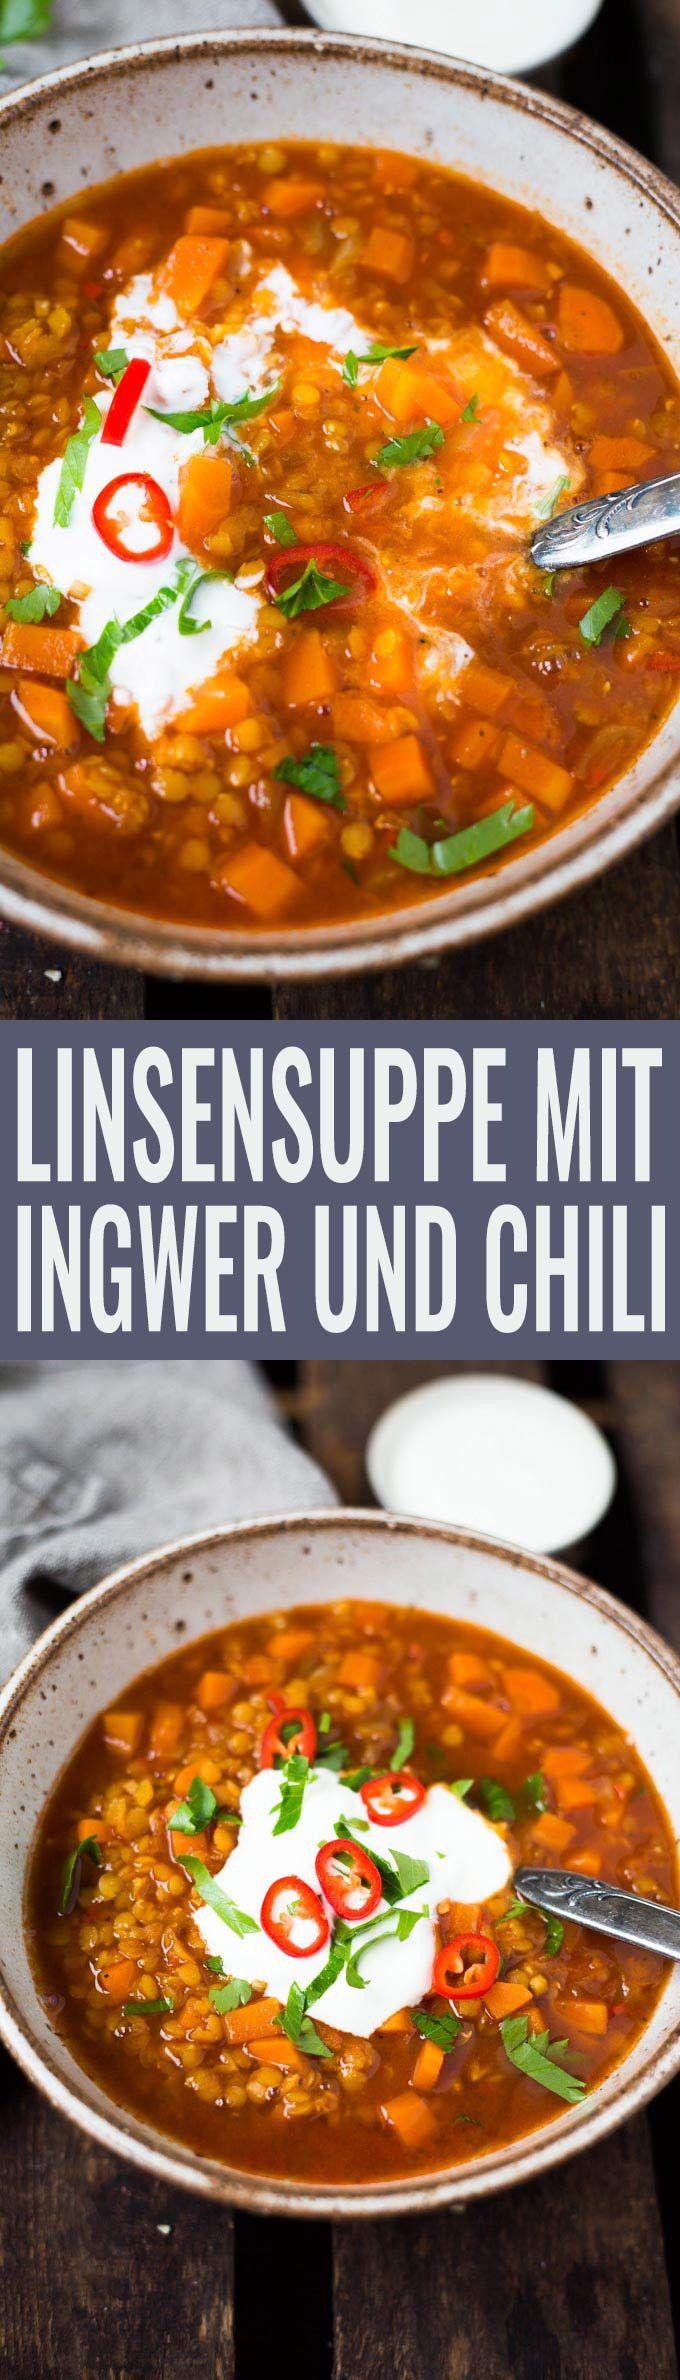 Linsensuppe mit Ingwer und Chili - super schnell und einfach! Dieses vegane Rezept ist der Hit - Kochkarussell.com (Vegan Curry Soup)